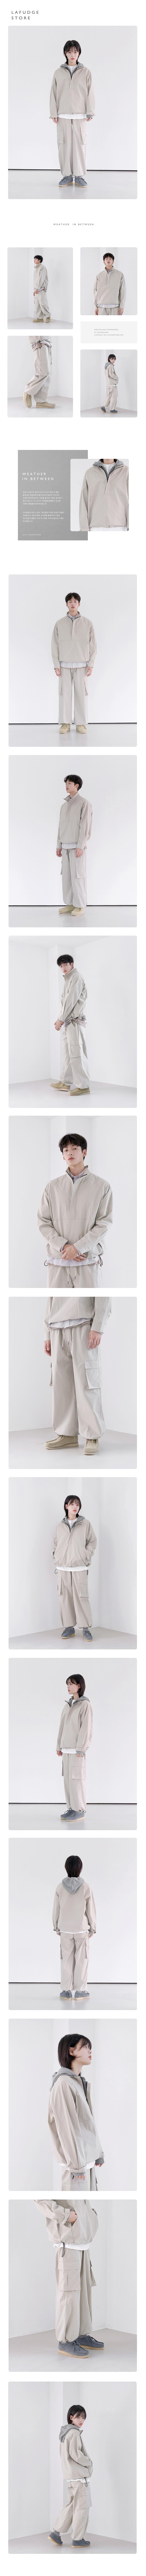 라퍼지스토어(LAFUDGESTORE) [SET]오디너리 아노락 셔츠자켓 조거셋업_Smoke Gray